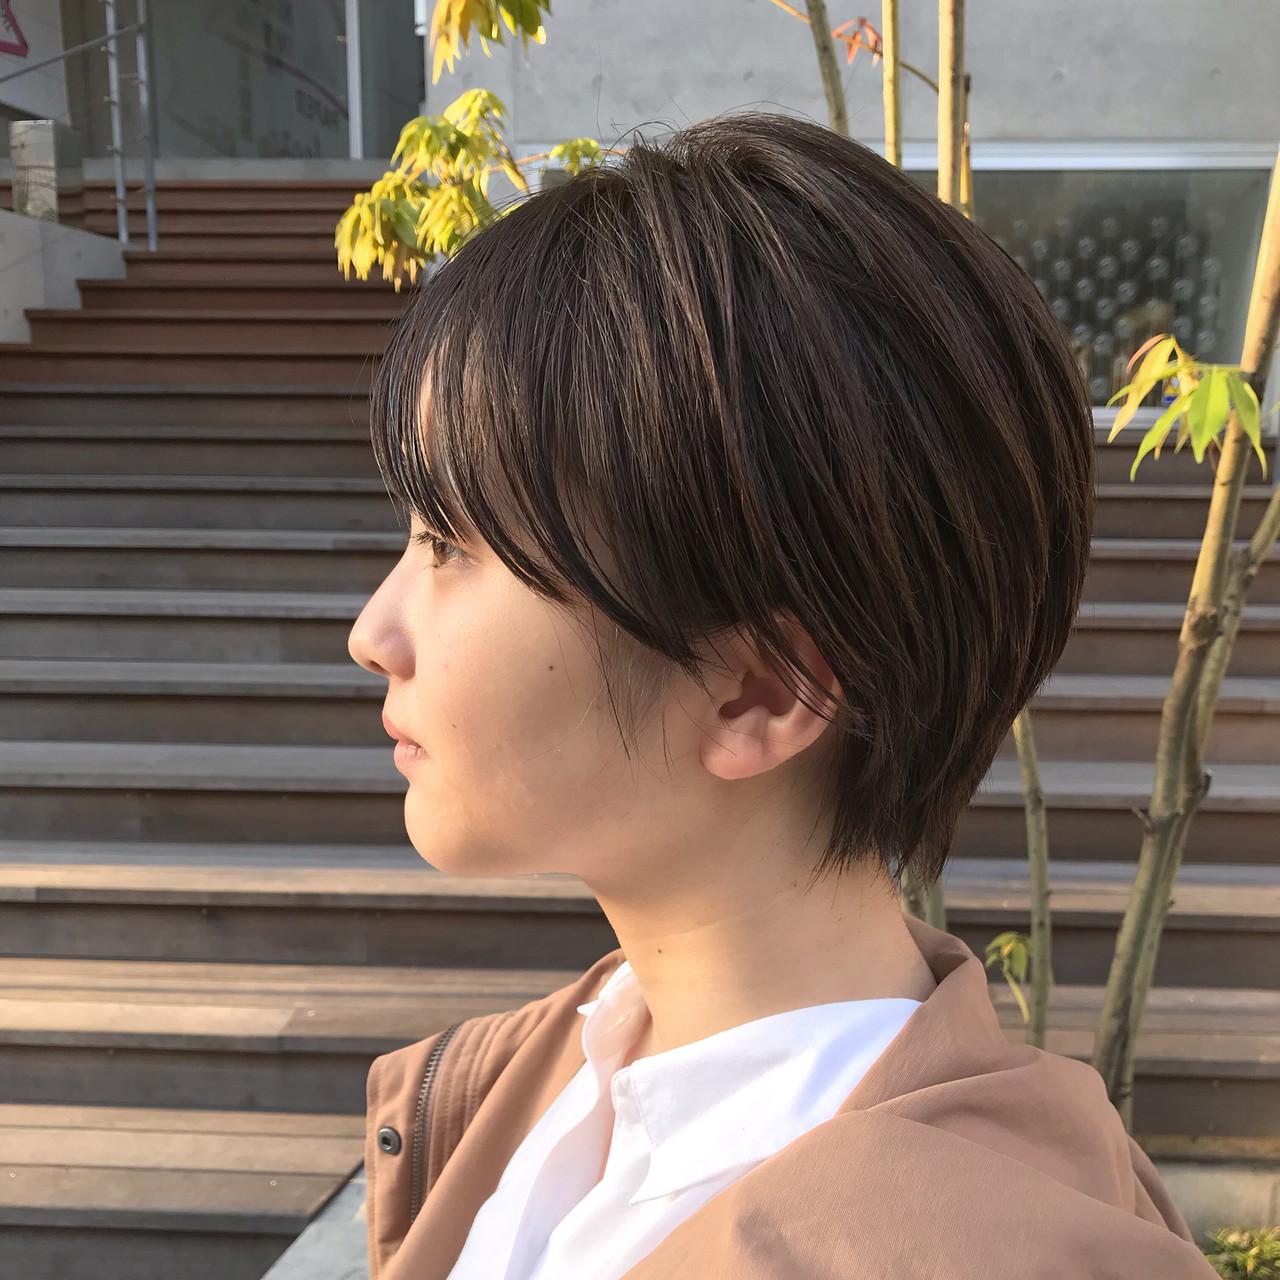 ナチュラル ショートボブ ショートヘア ショート ヘアスタイルや髪型の写真・画像 | 川西知隼 / Cocoon